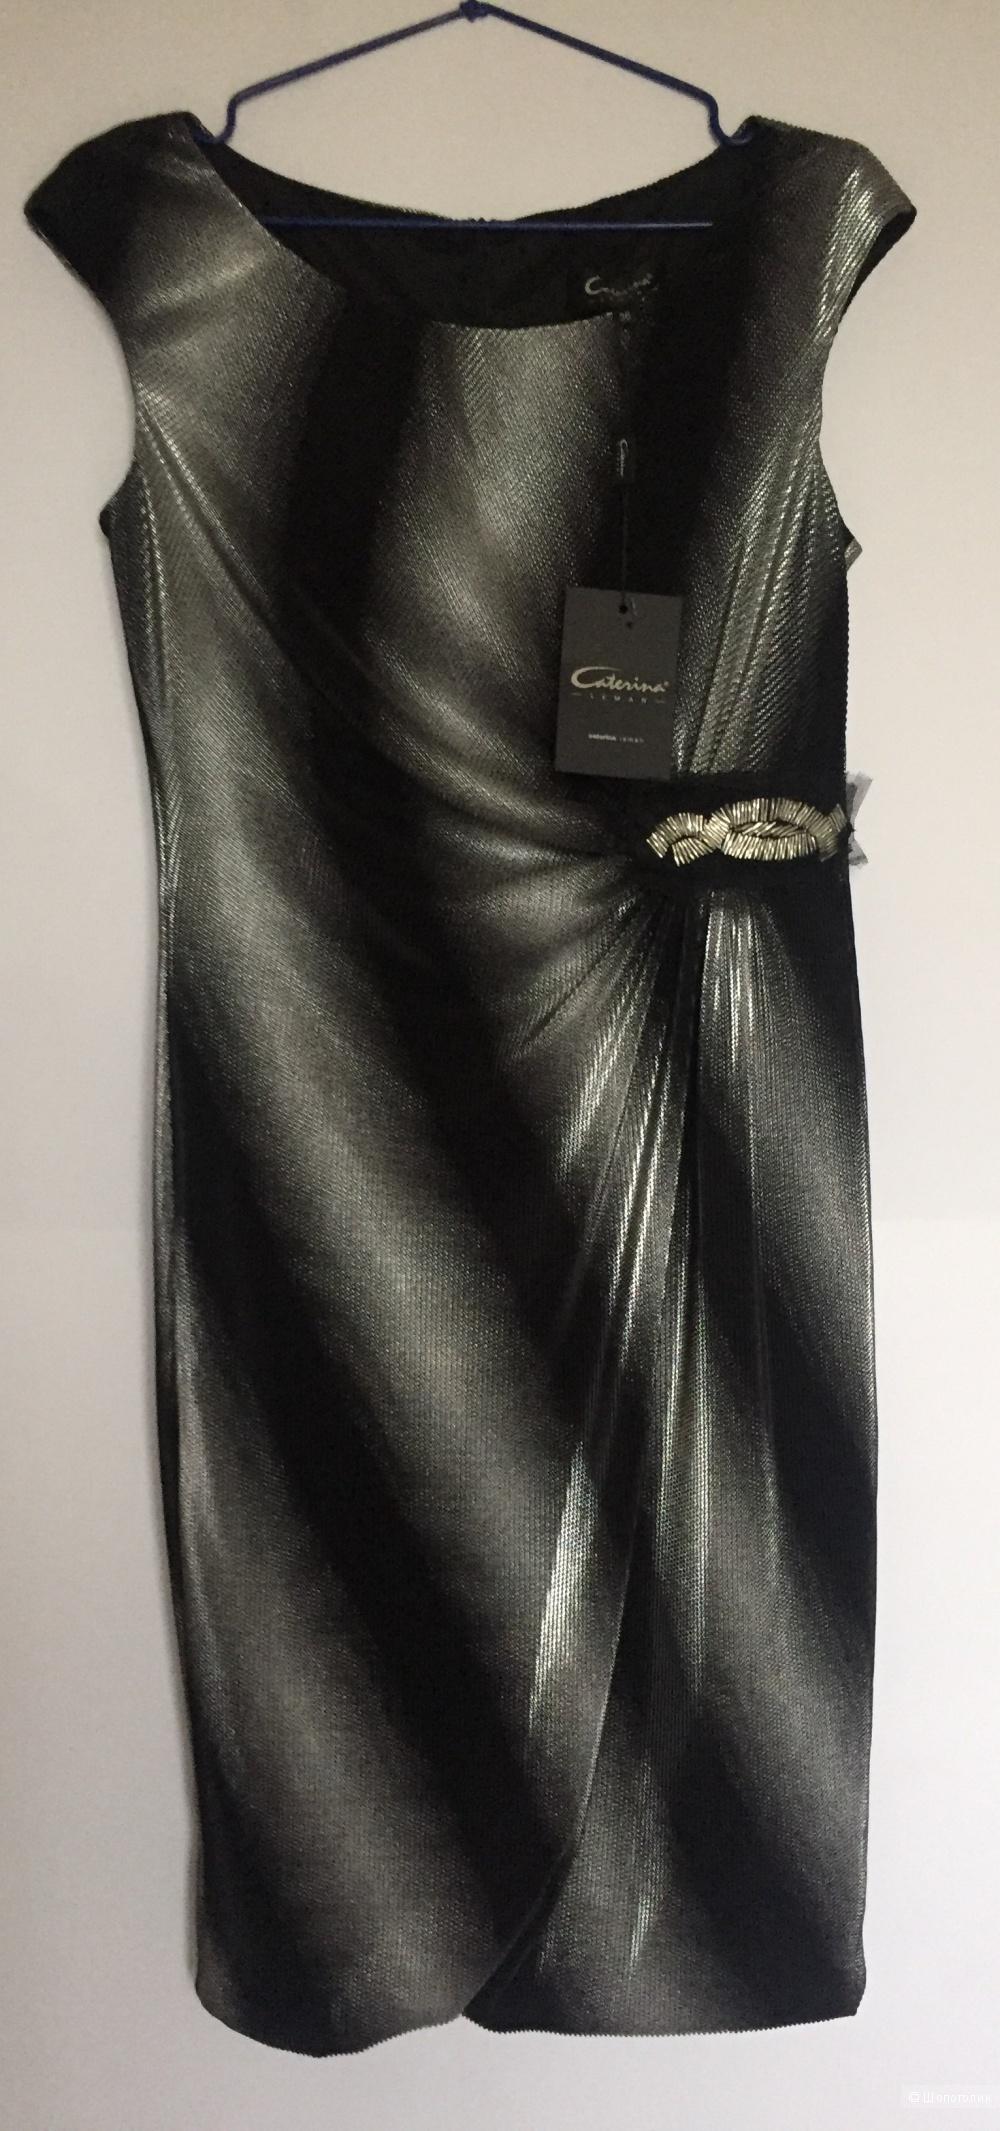 Новое платье вечернее Caterina Leman. Размер 36